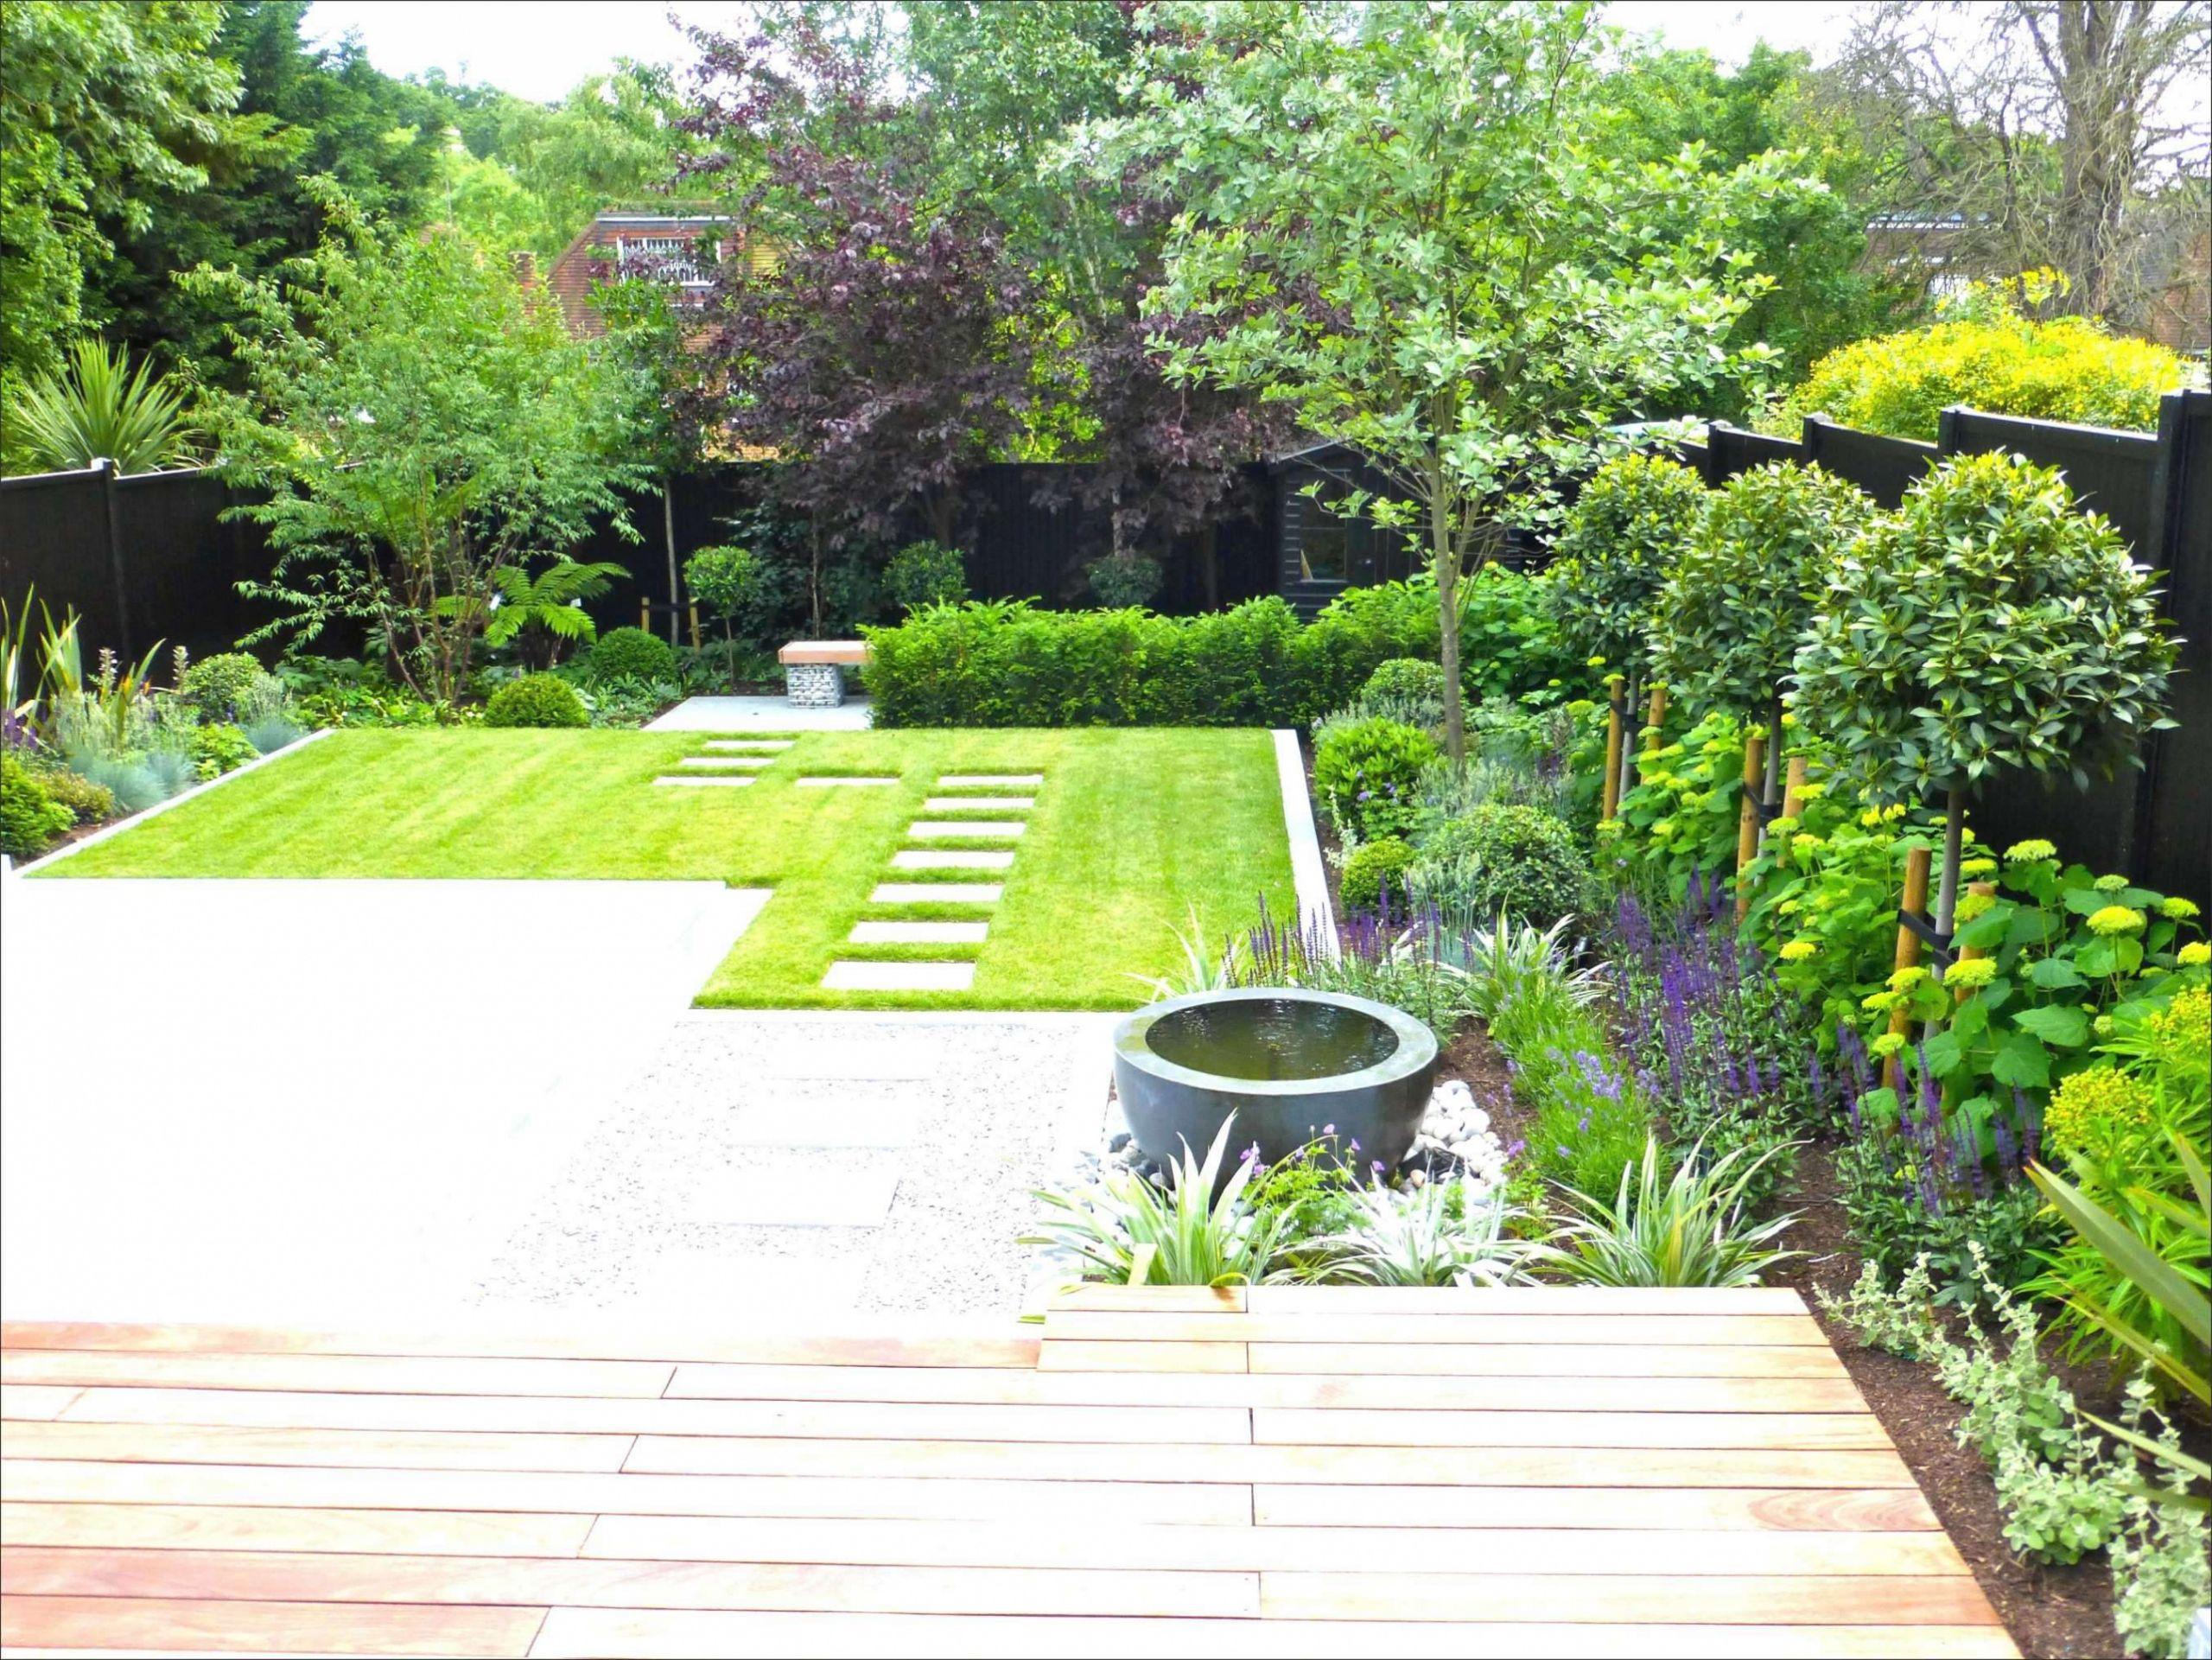 Garten Anlegen Pflegeleicht Frisch Hang Gestalten Pflegeleicht — Temobardz Home Blog